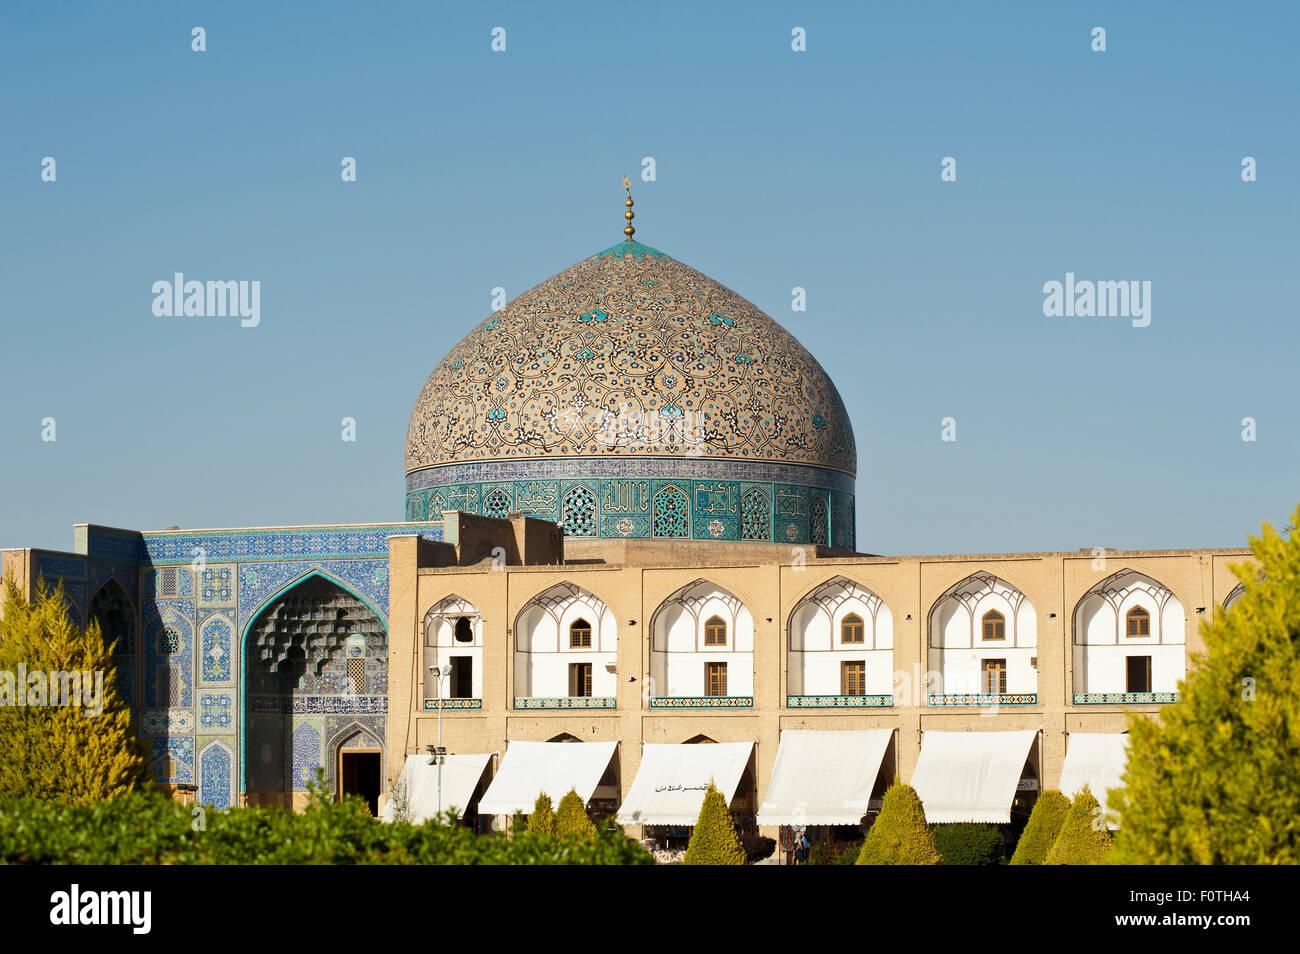 Colorful tiled dome, Sheikh Lotfollah Mosque, Maidan Square, also Naqsh-e Jahan Square, Isfahan, Iran - Stock Image